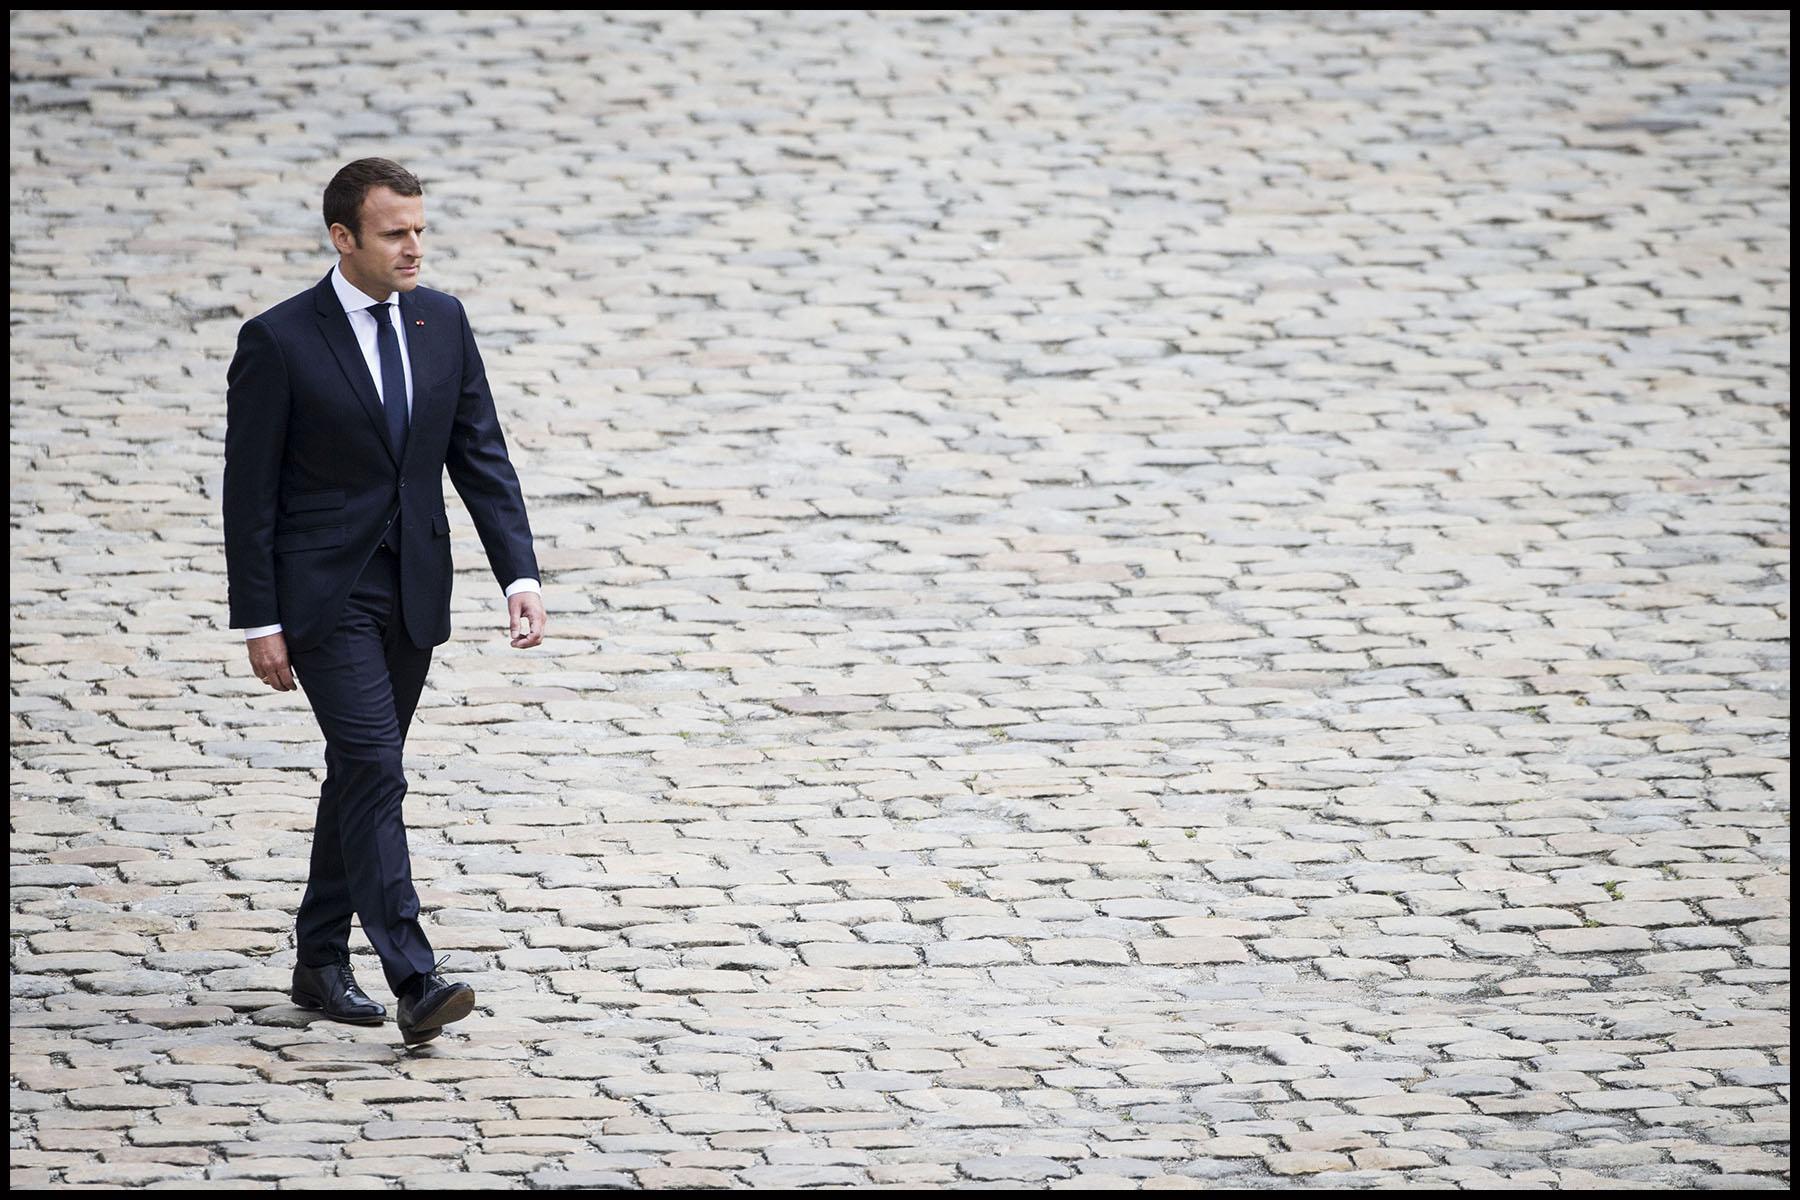 Emmanuel MACRON préside la prise d'armes à l'Hôtel national des Invalides Invalides